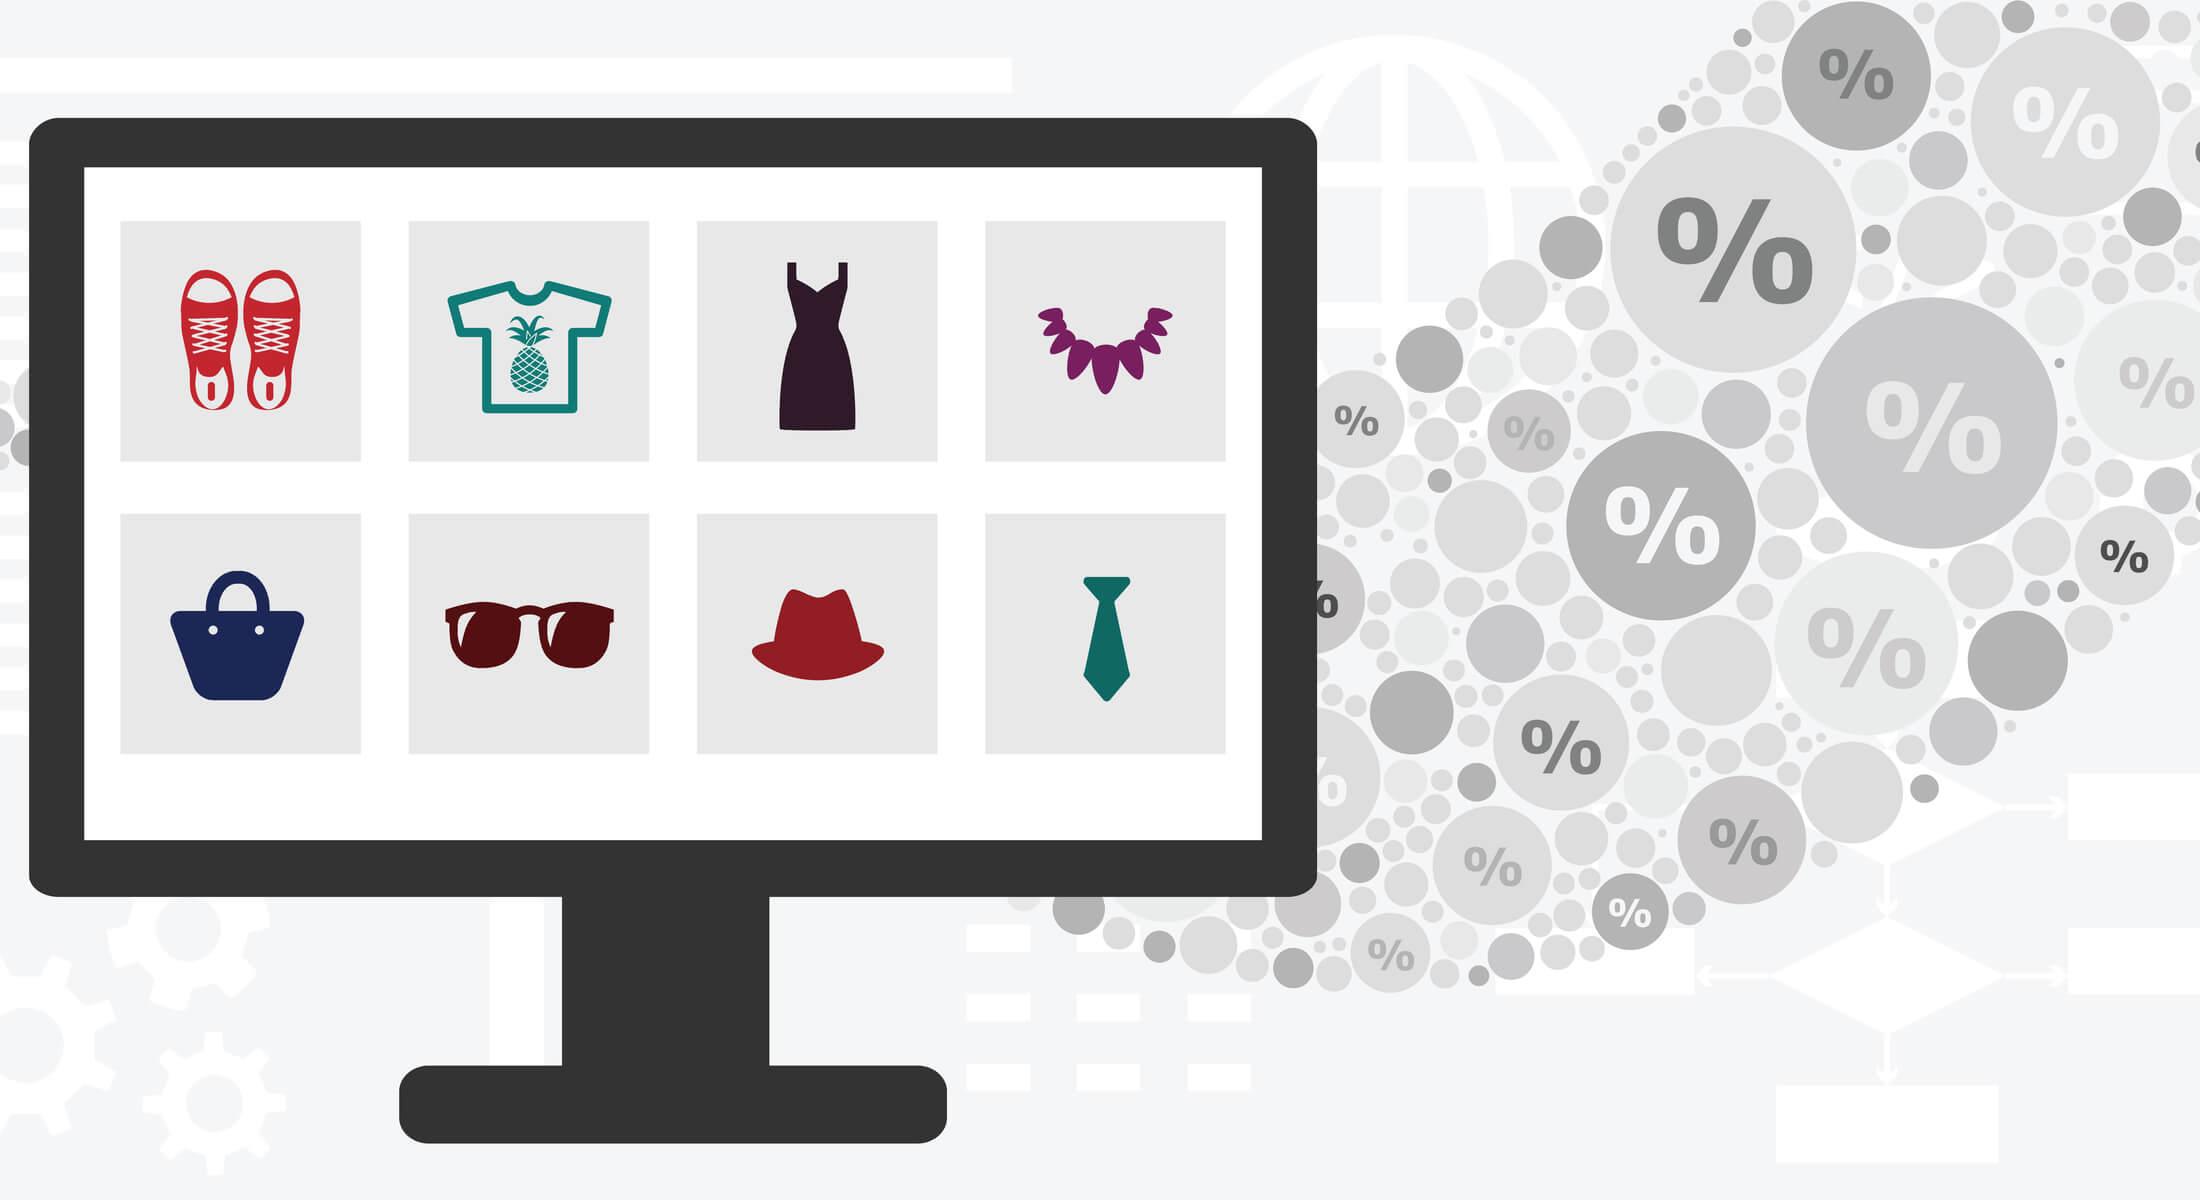 ilustração sobre o comportamento do consumidor online